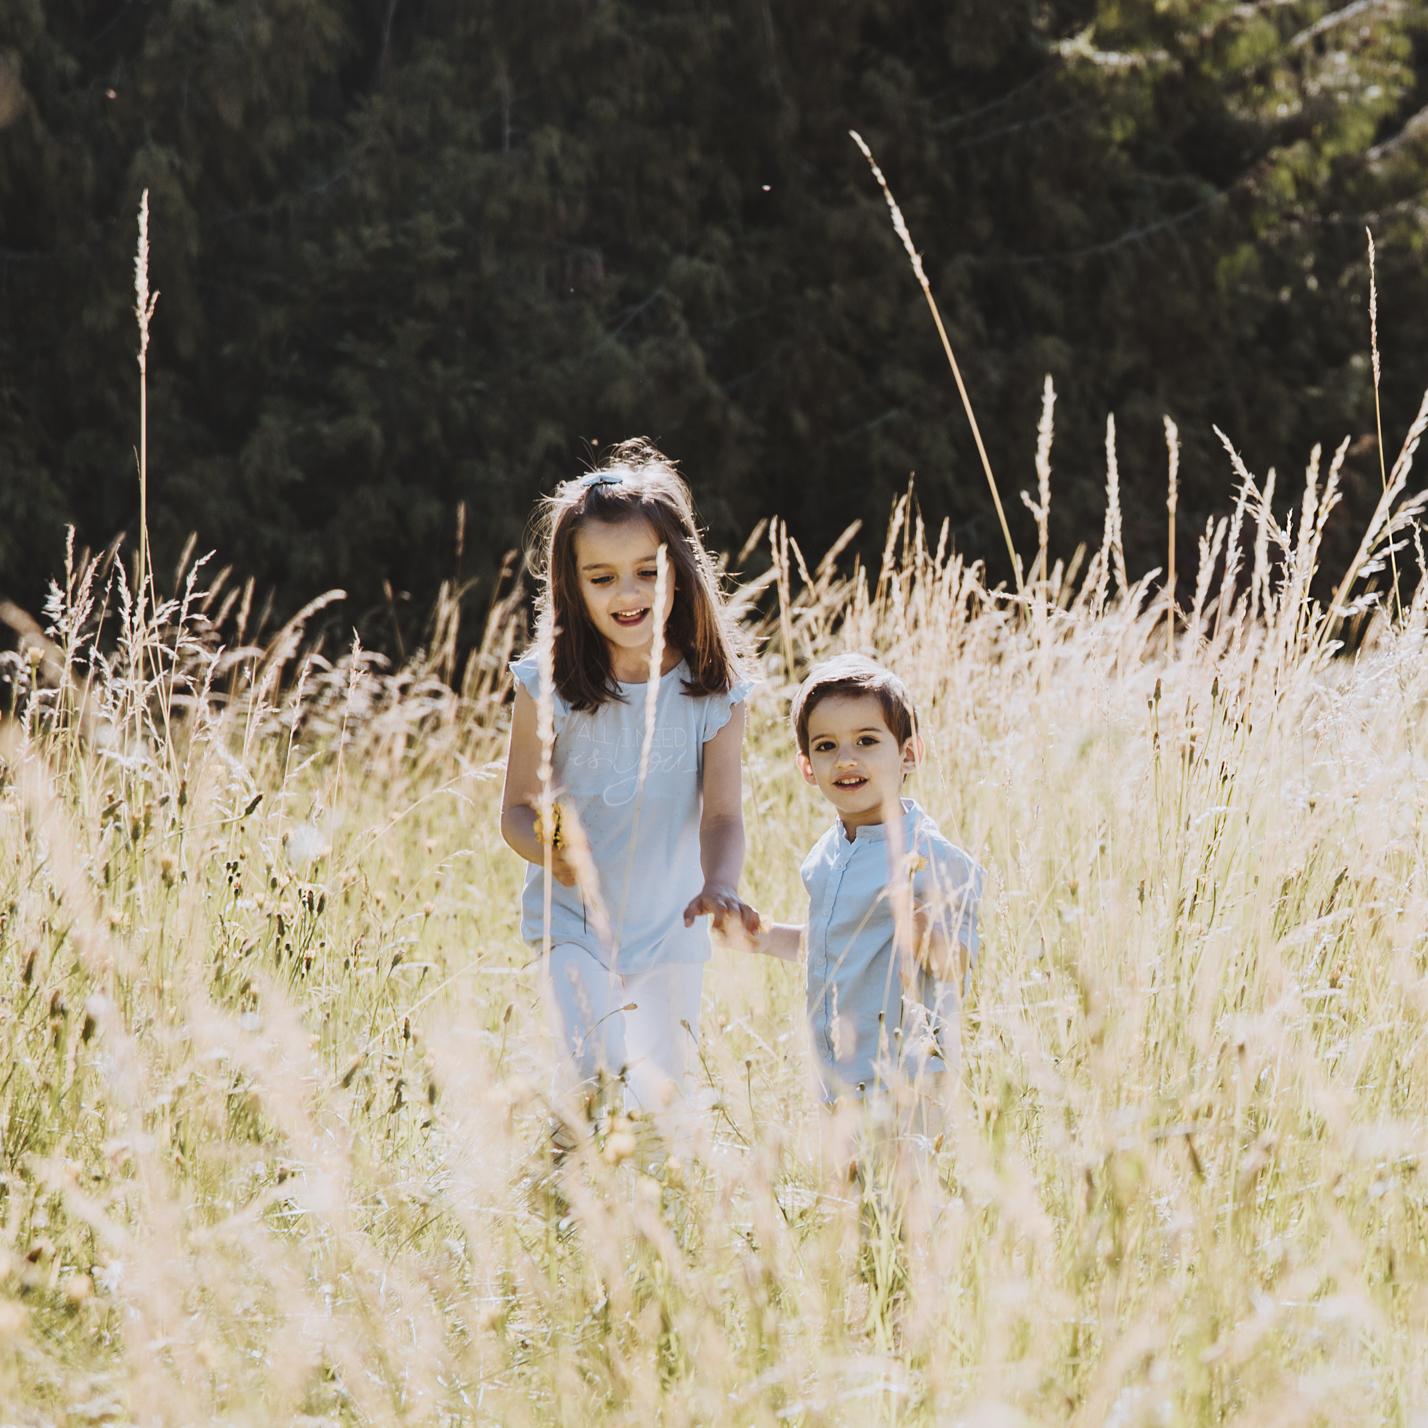 Enfants photographe paris exterieur.jpg